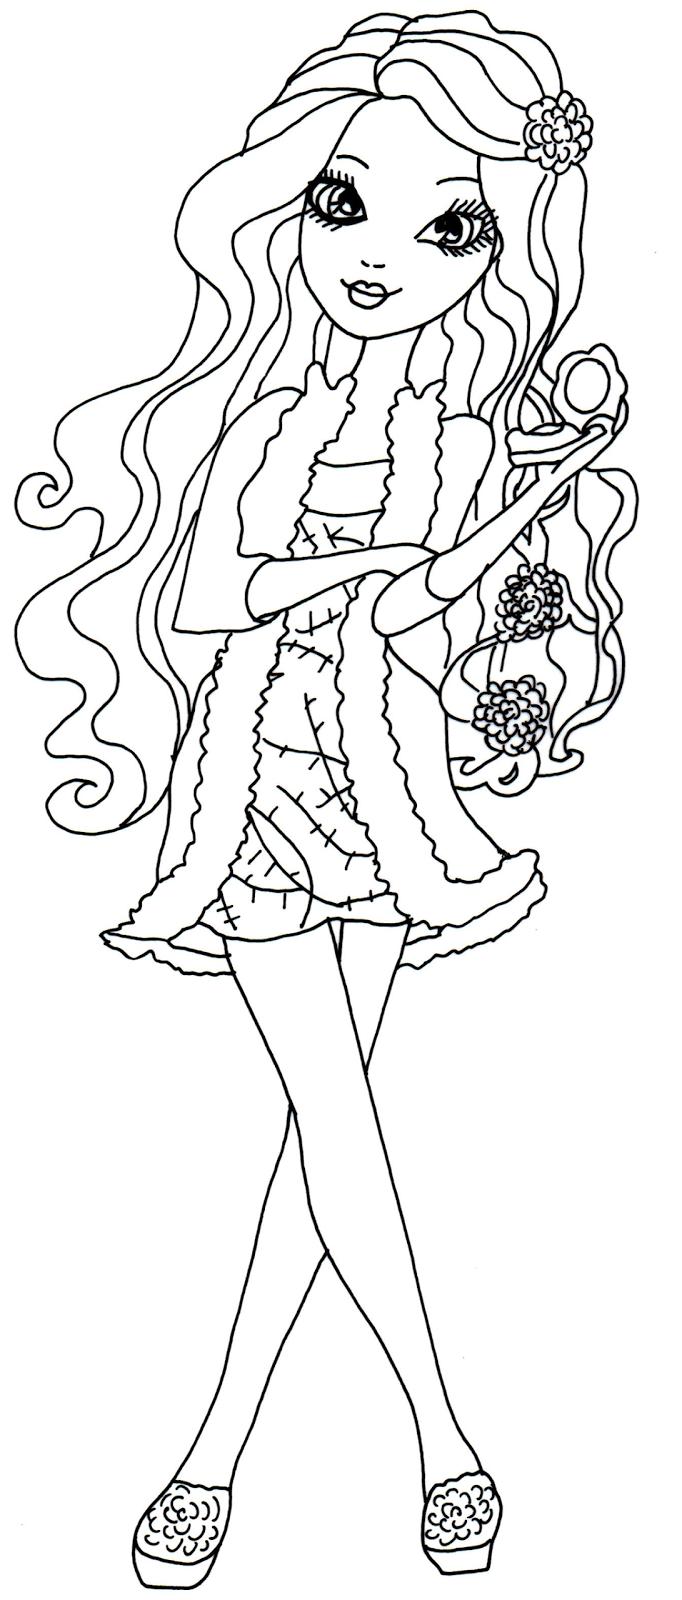 15 dessins de coloriage ever after high holly o 39 hair - Moxie girlz pagine da colorare ...